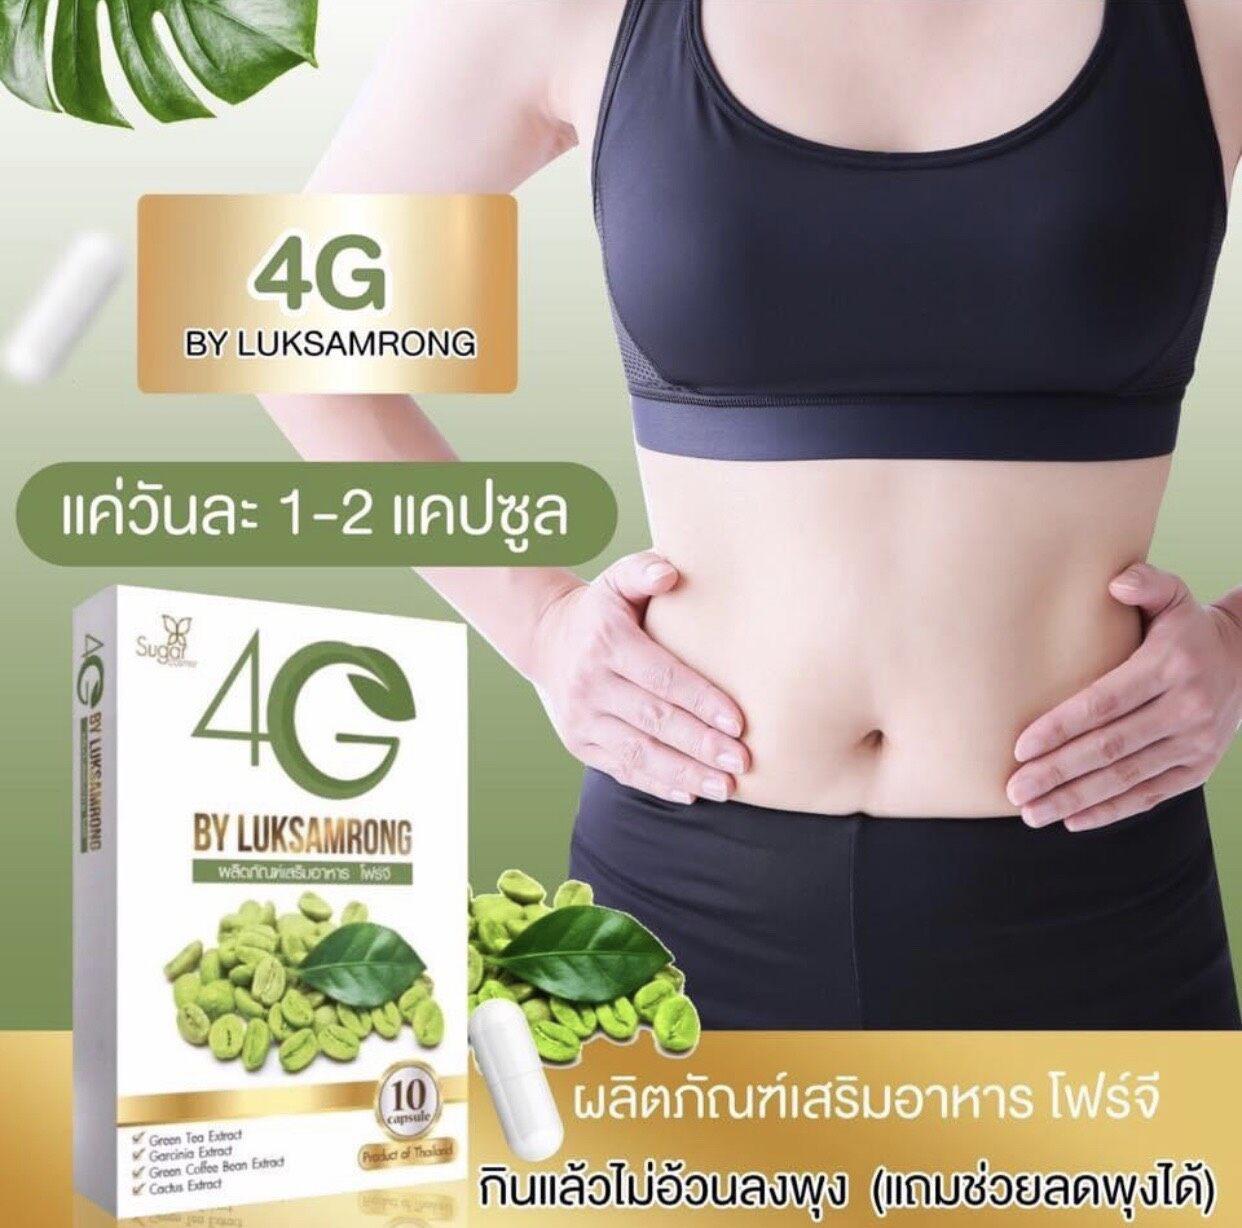 4g ลดอ้วน ไม่อยากข้าว สายดื้อ กินตัวไหนไม่ลง จบที่เรา เห็นผลในกล่องเดียว สารสกัด ธรรมชาติ จัดโปรลด 50%.